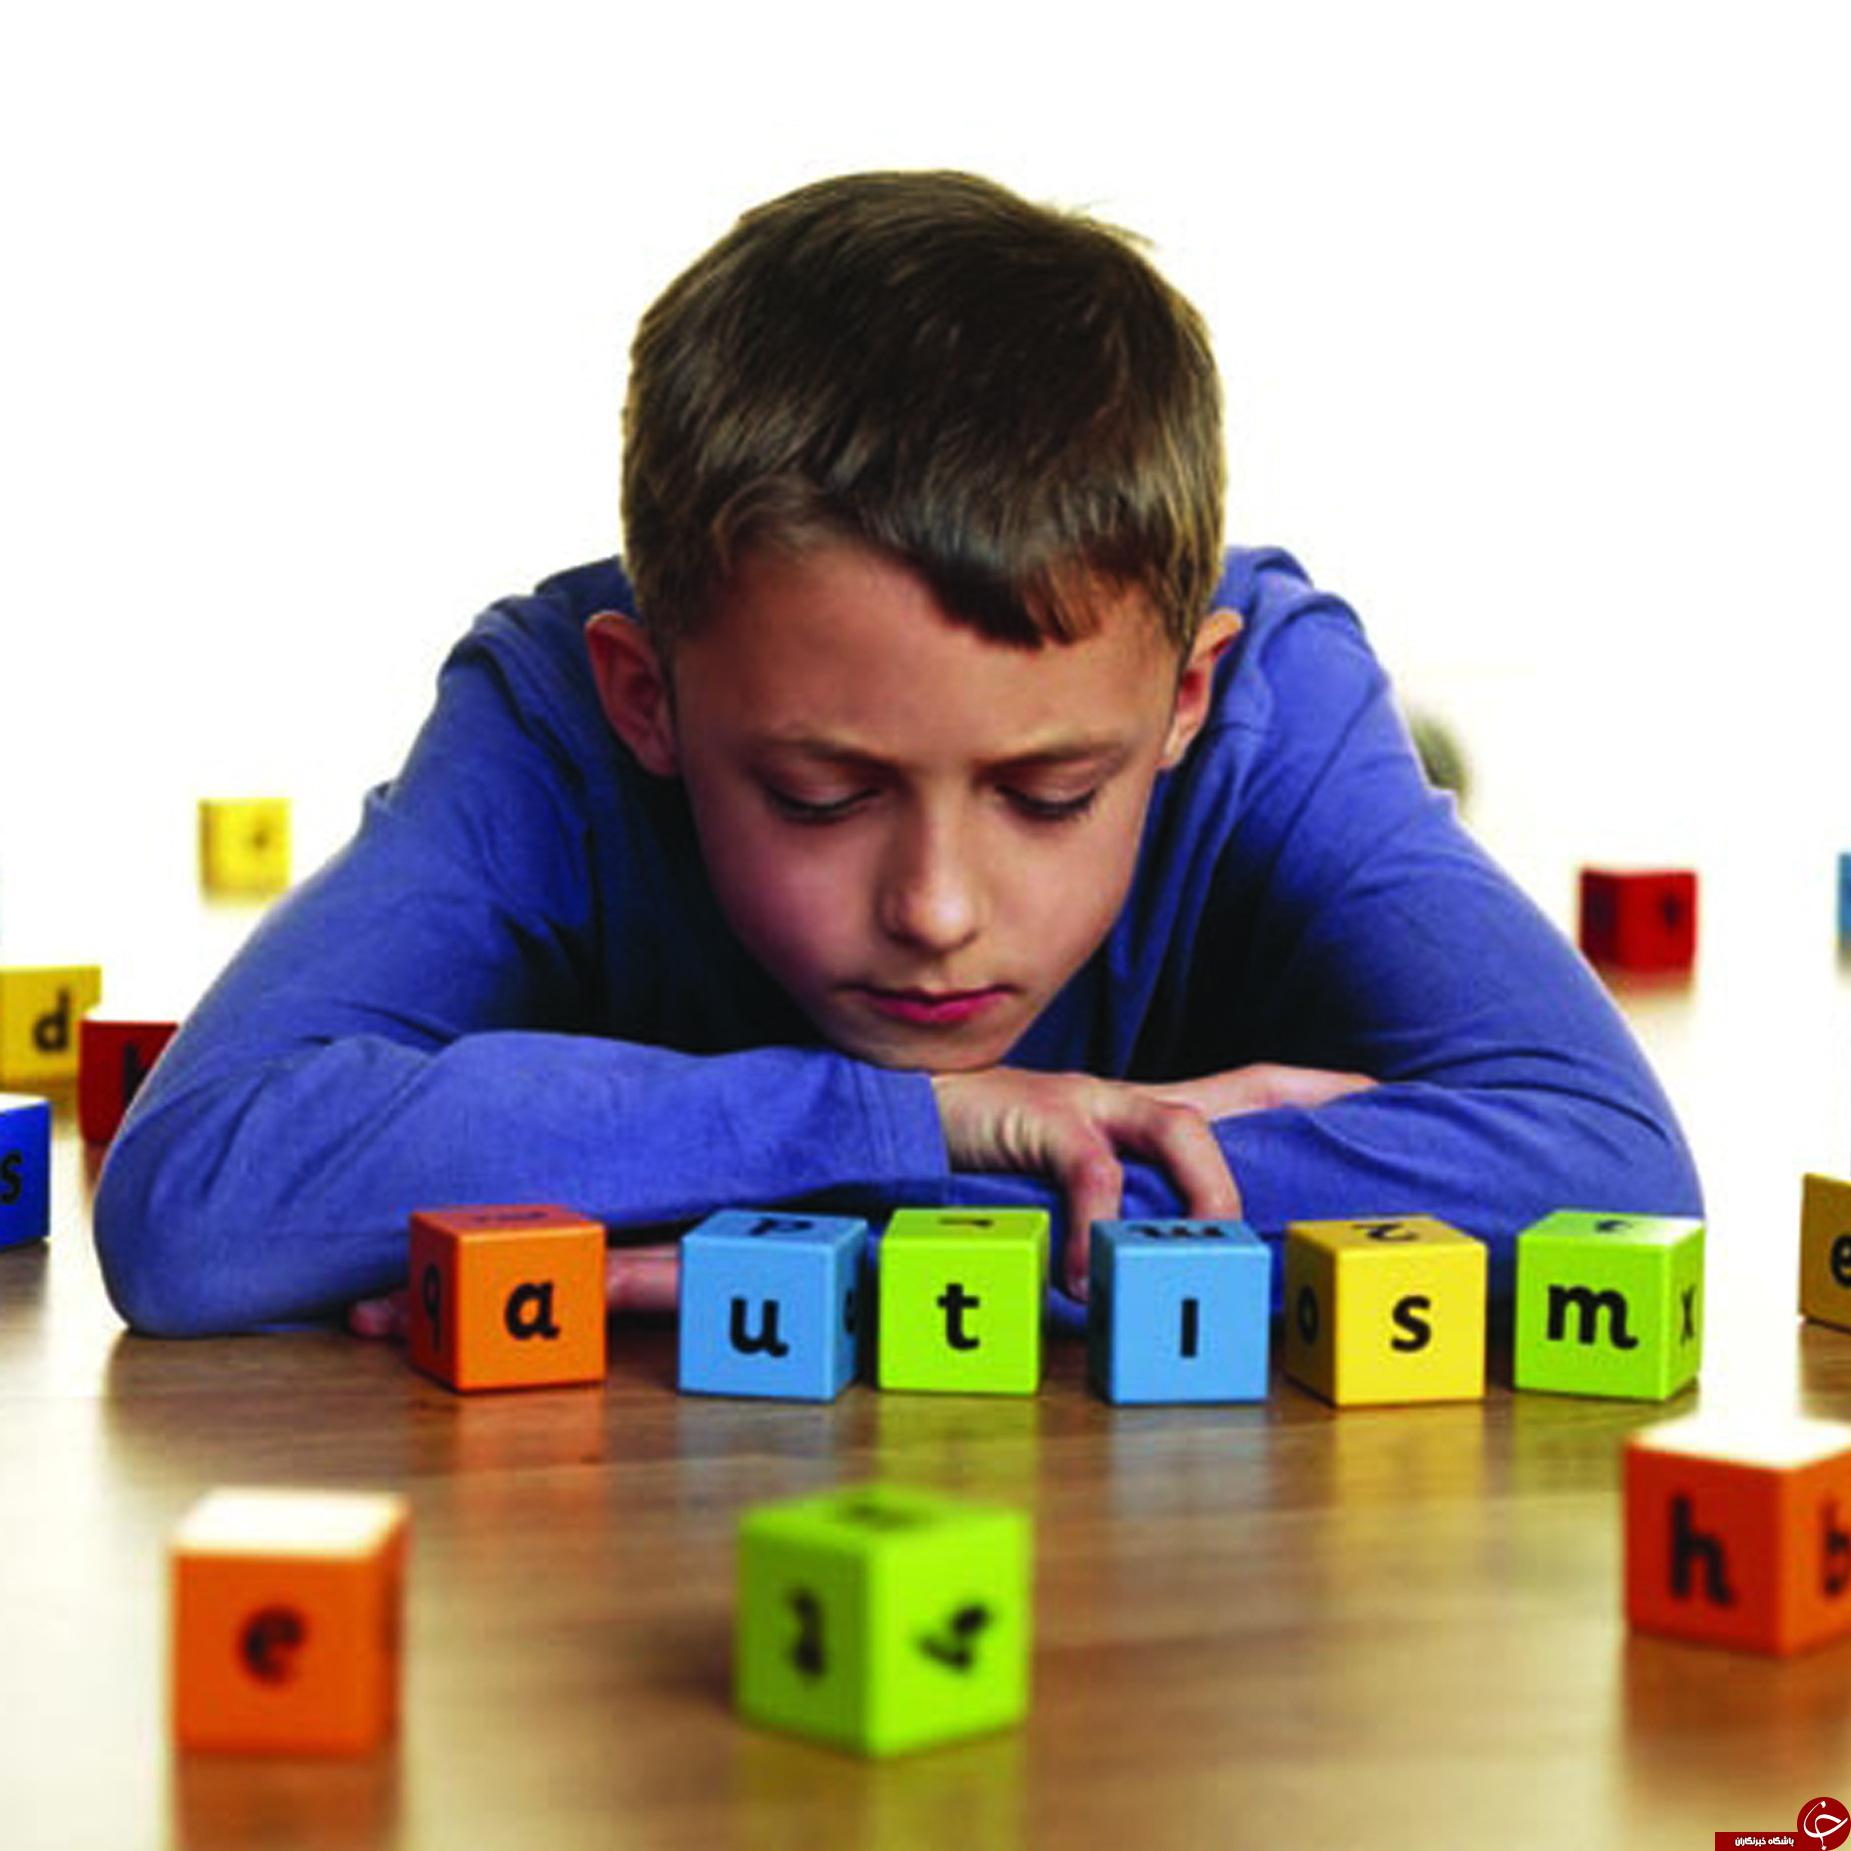 دنیای مجازی کودکان اوتیسم را درمانده تر از پیش می کند!